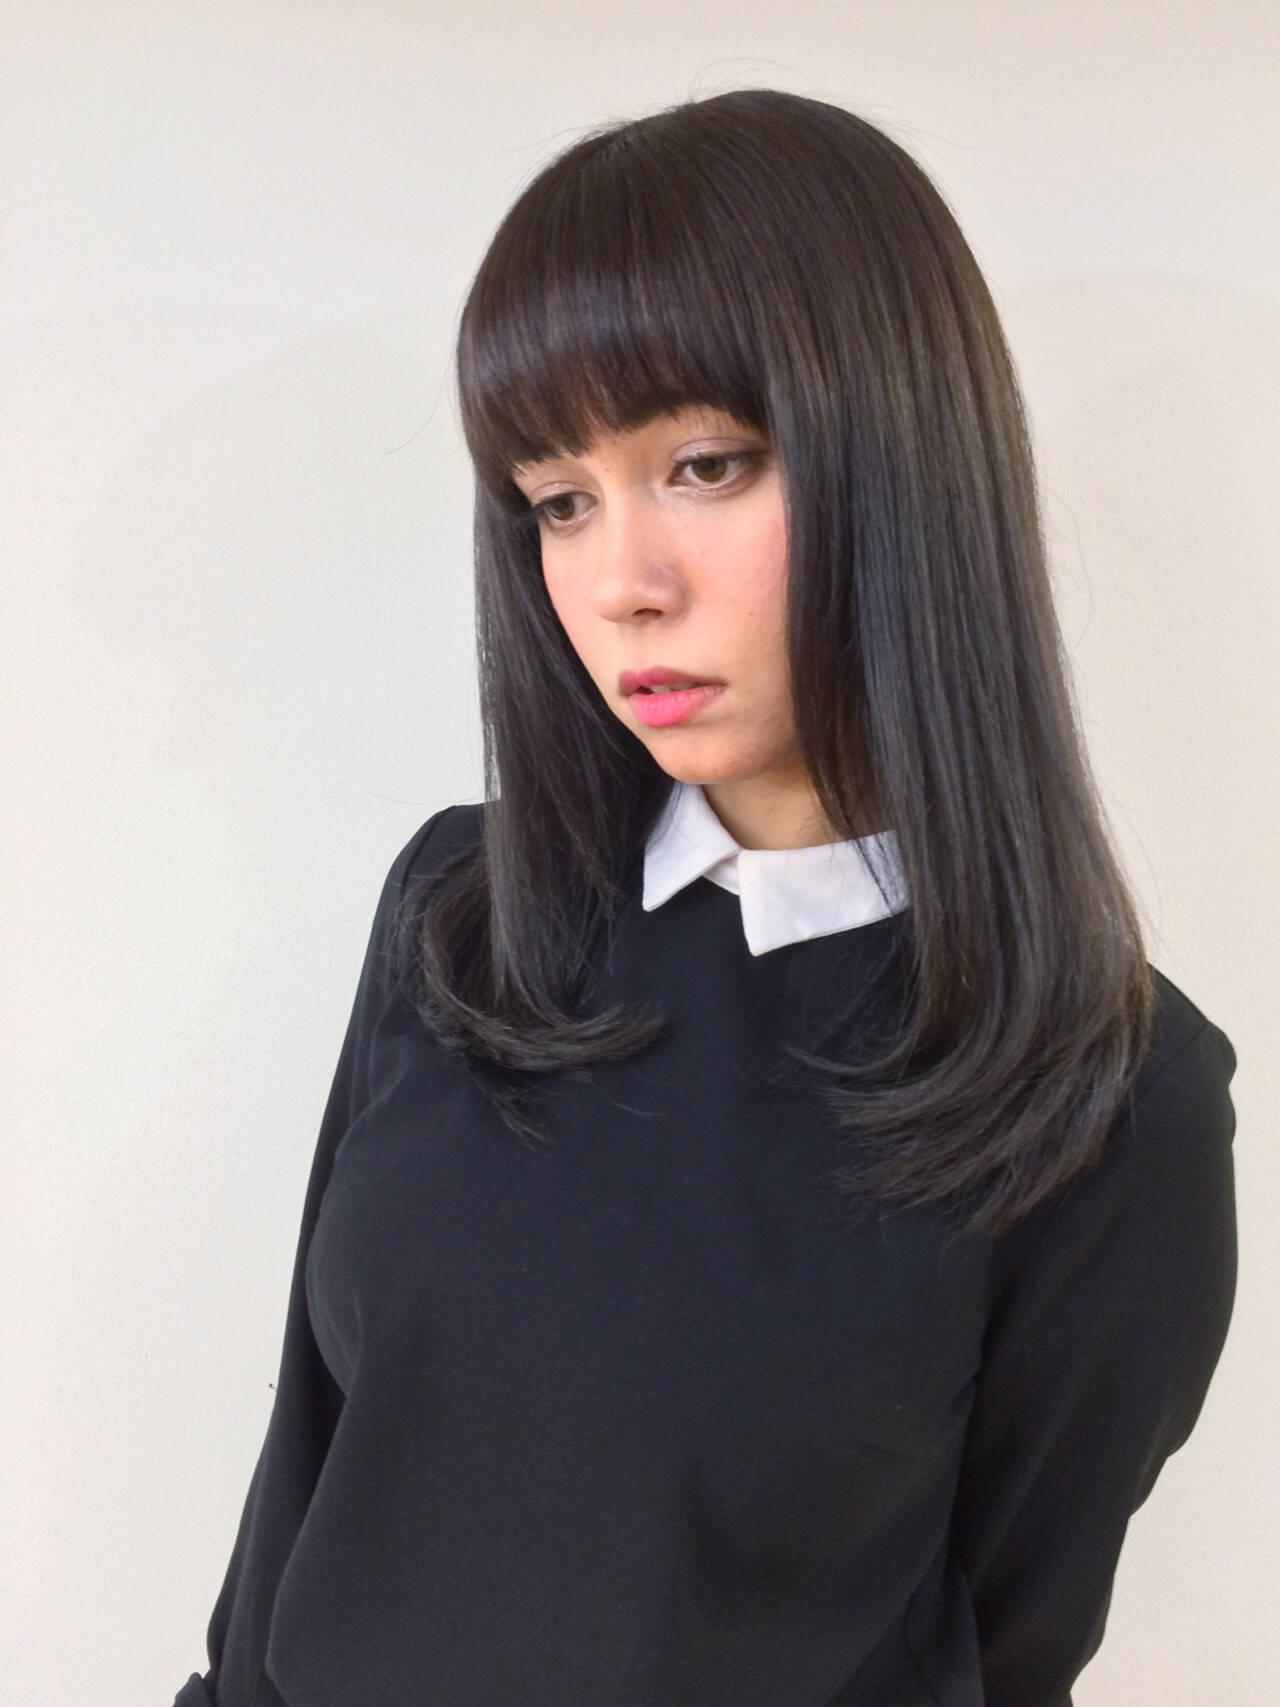 黒髪 暗髪 ストレート ロングヘアスタイルや髪型の写真・画像